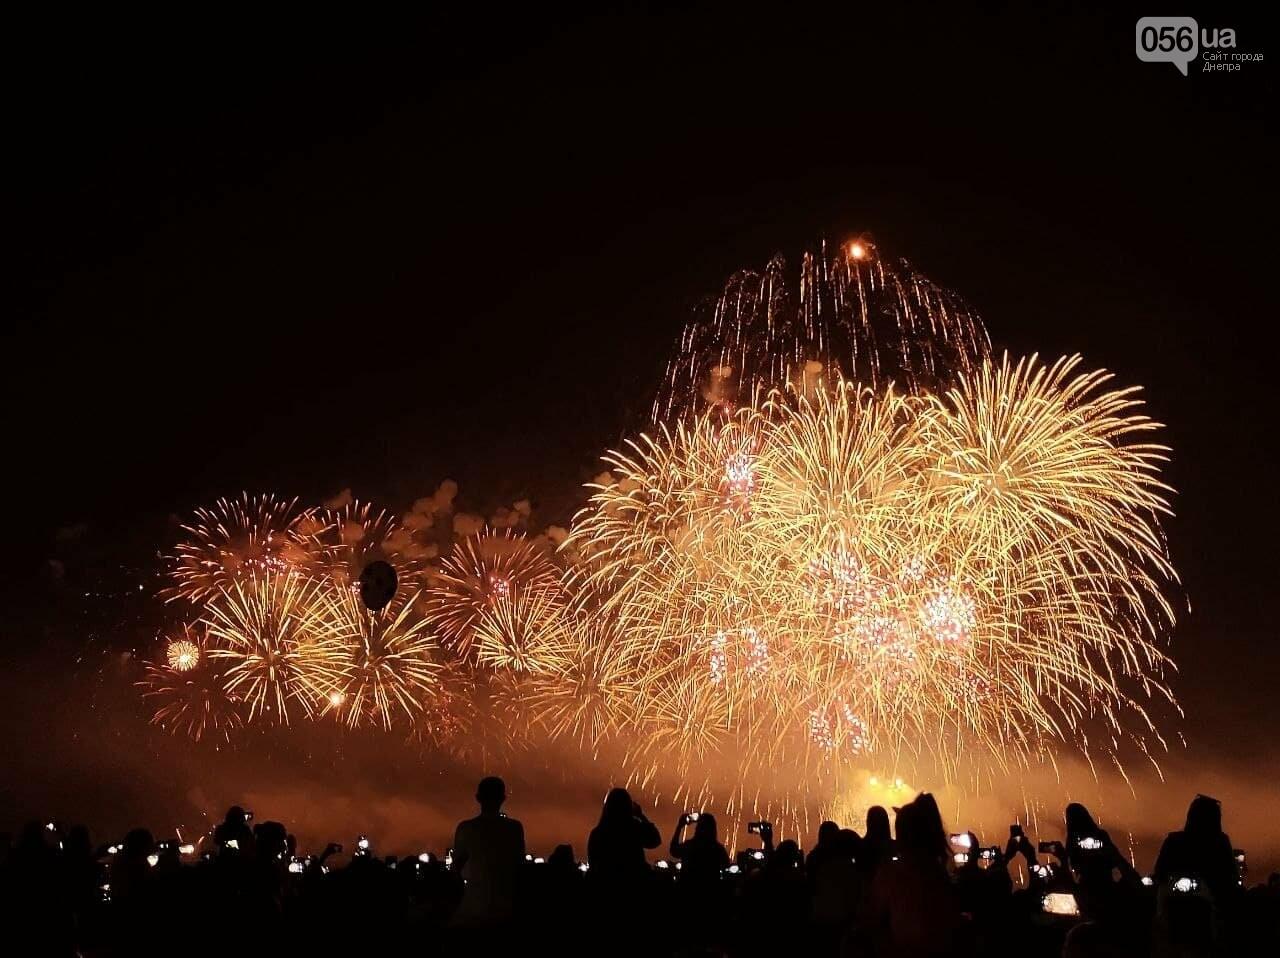 В Днепре на День города показали шоу, которое претендует стать самой масштабной артинсталяцией в мире, - ФОТО, ВИДЕО, фото-2